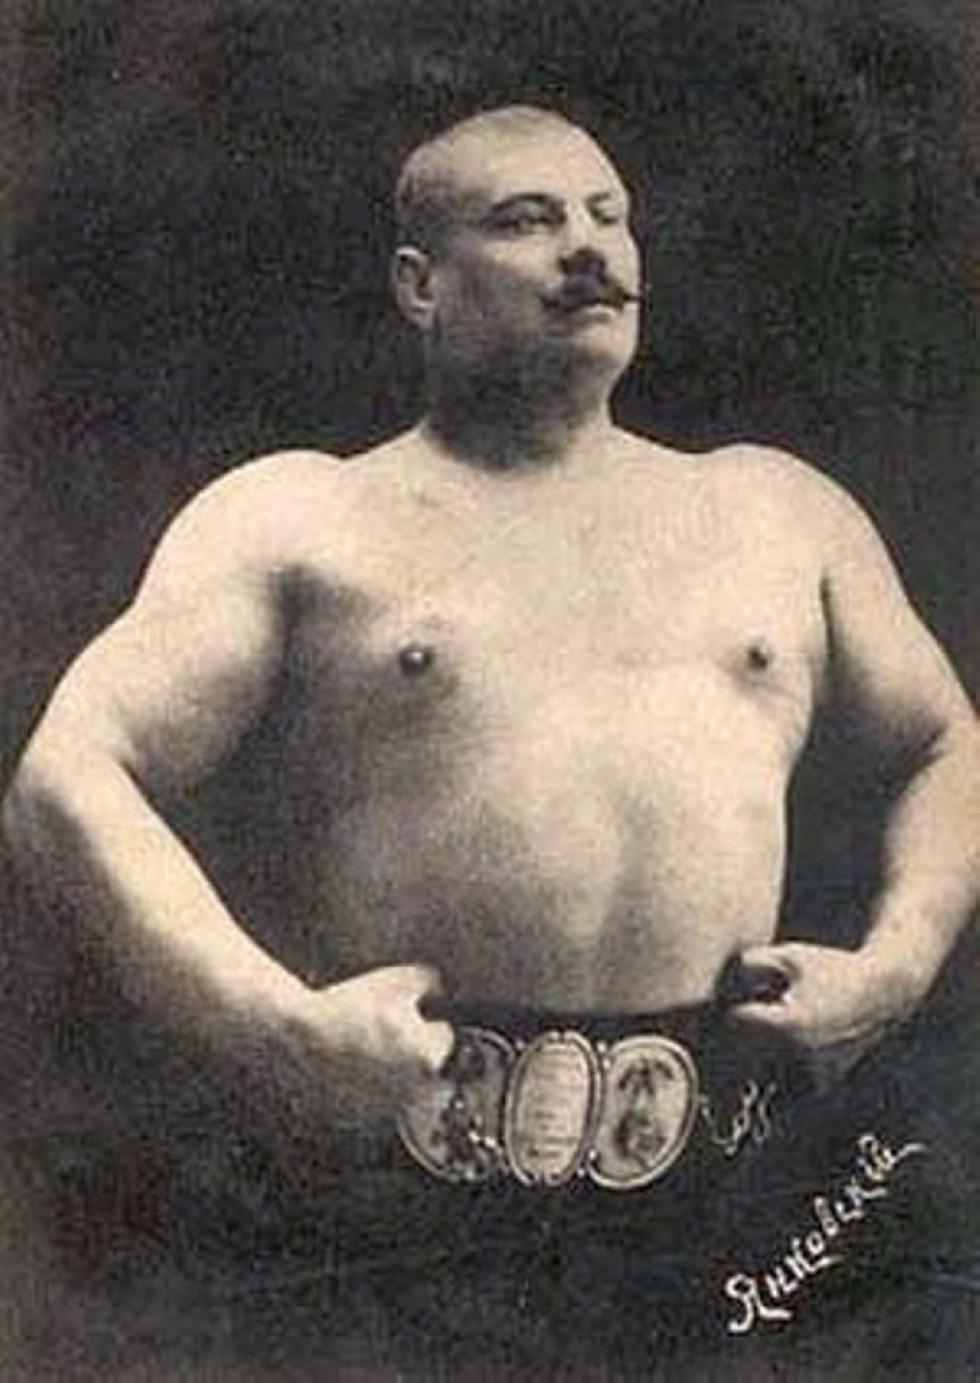 Борець «Урсус» Павло Янковський, 1910-ті роки